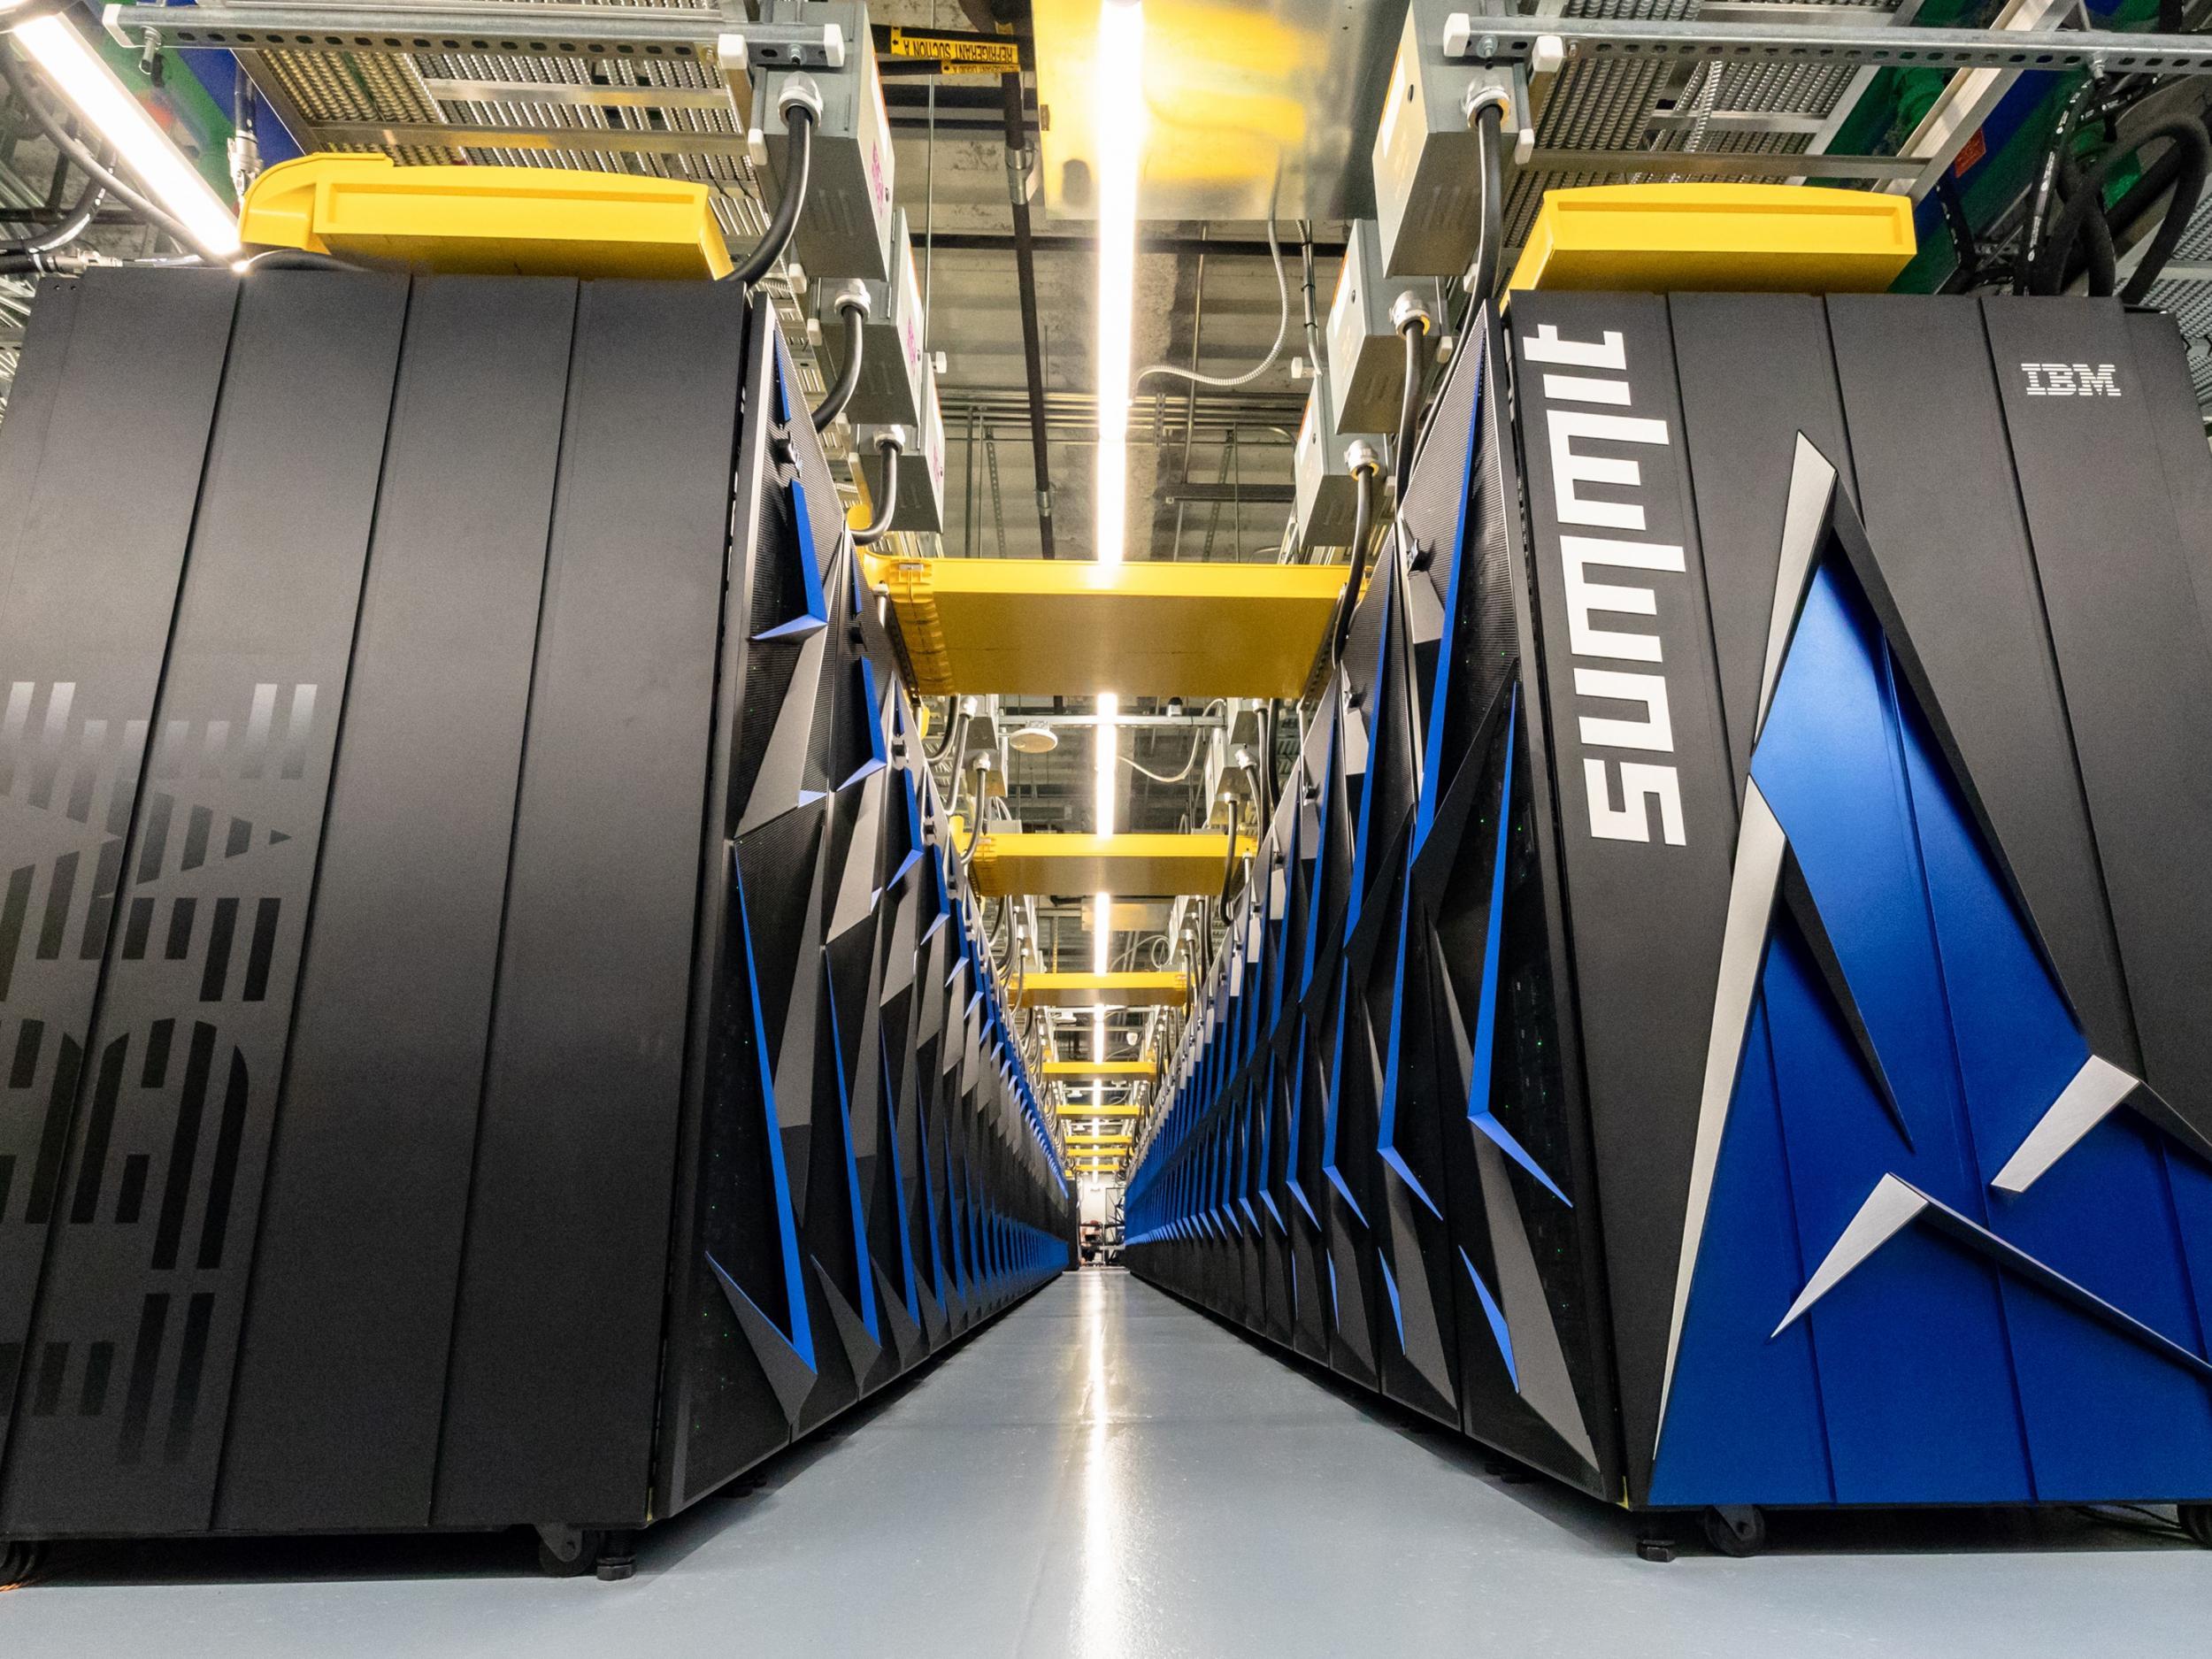 IBM, Белый Дом и Министерство энергетики США предоставят исследователям COVID-19 суперкомпьютеры